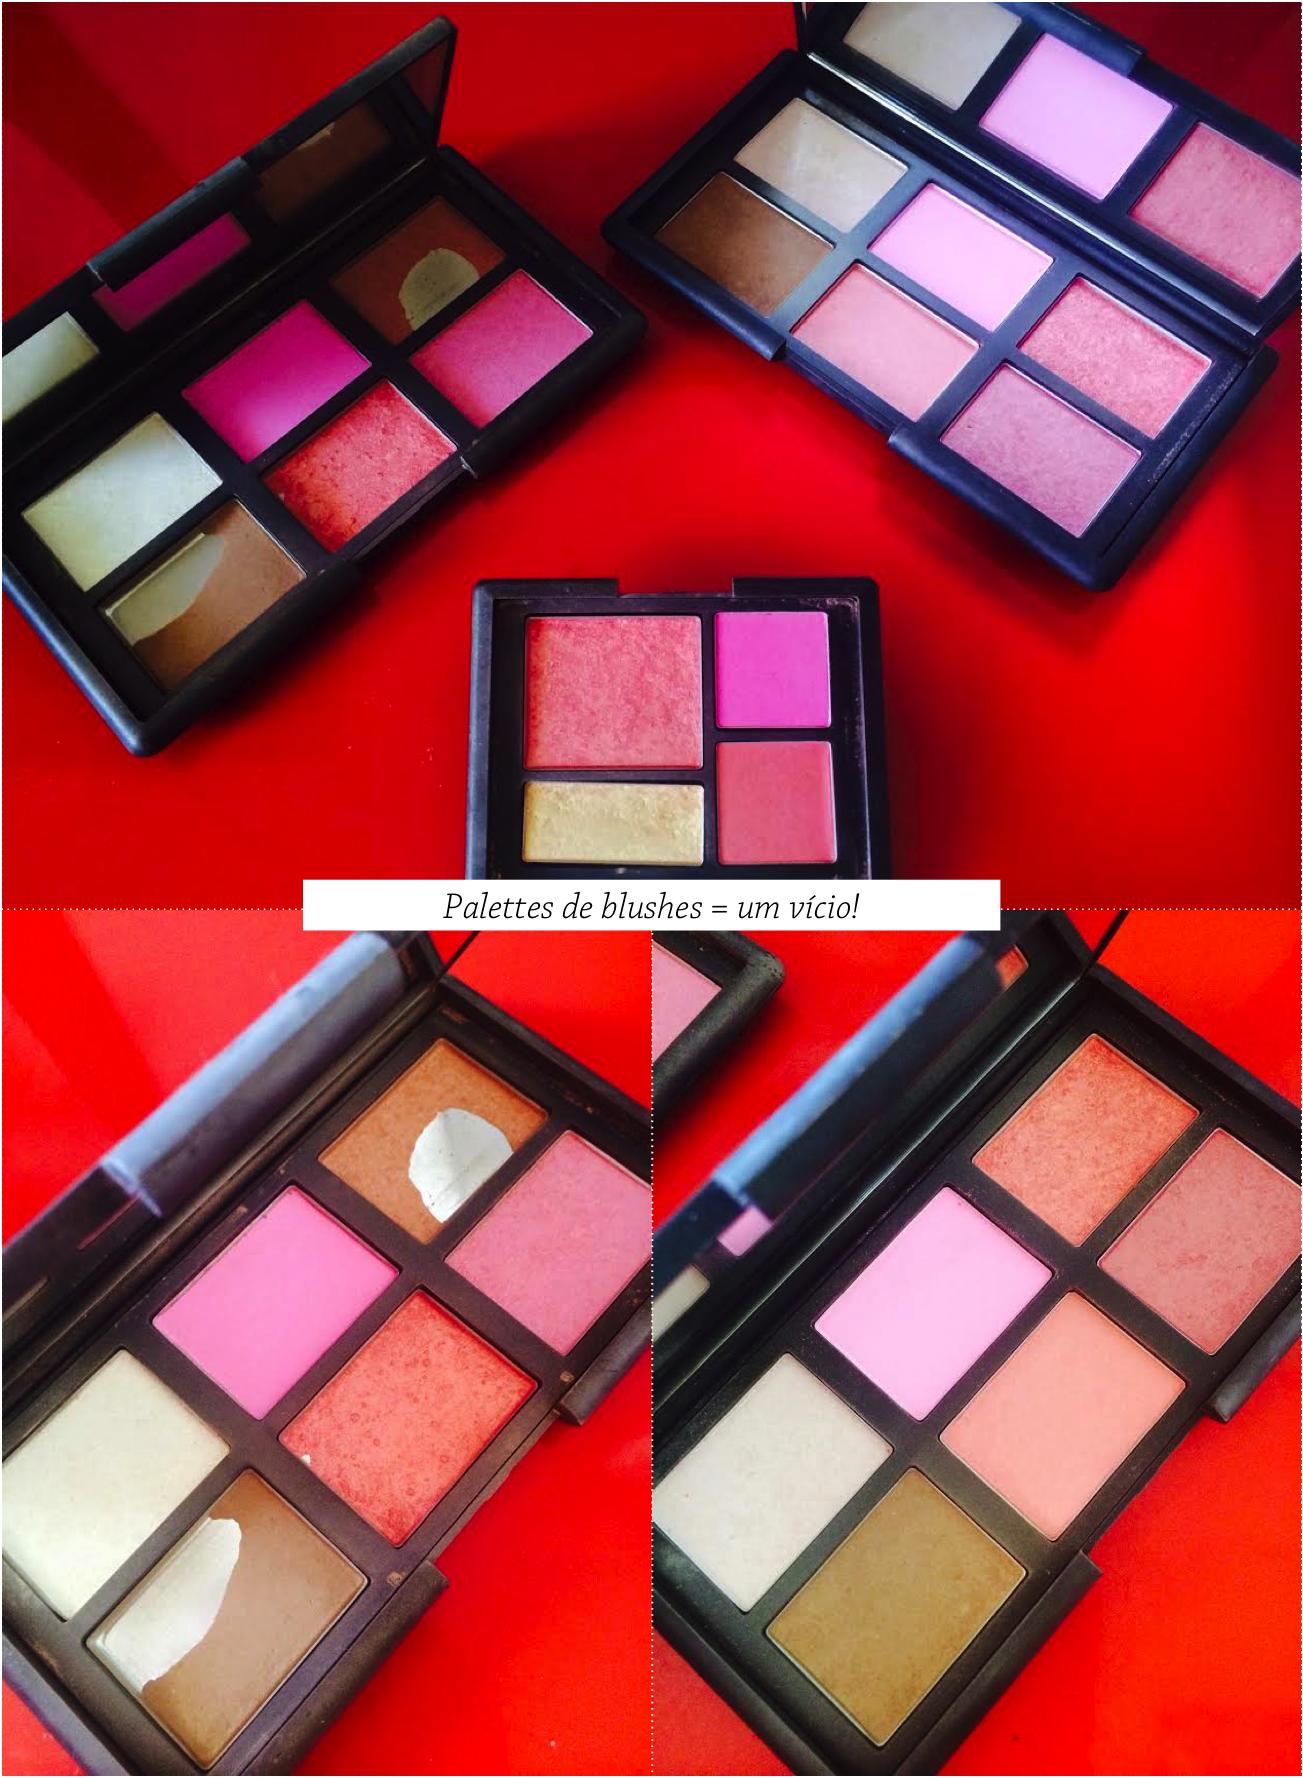 palettes-nars-blushes